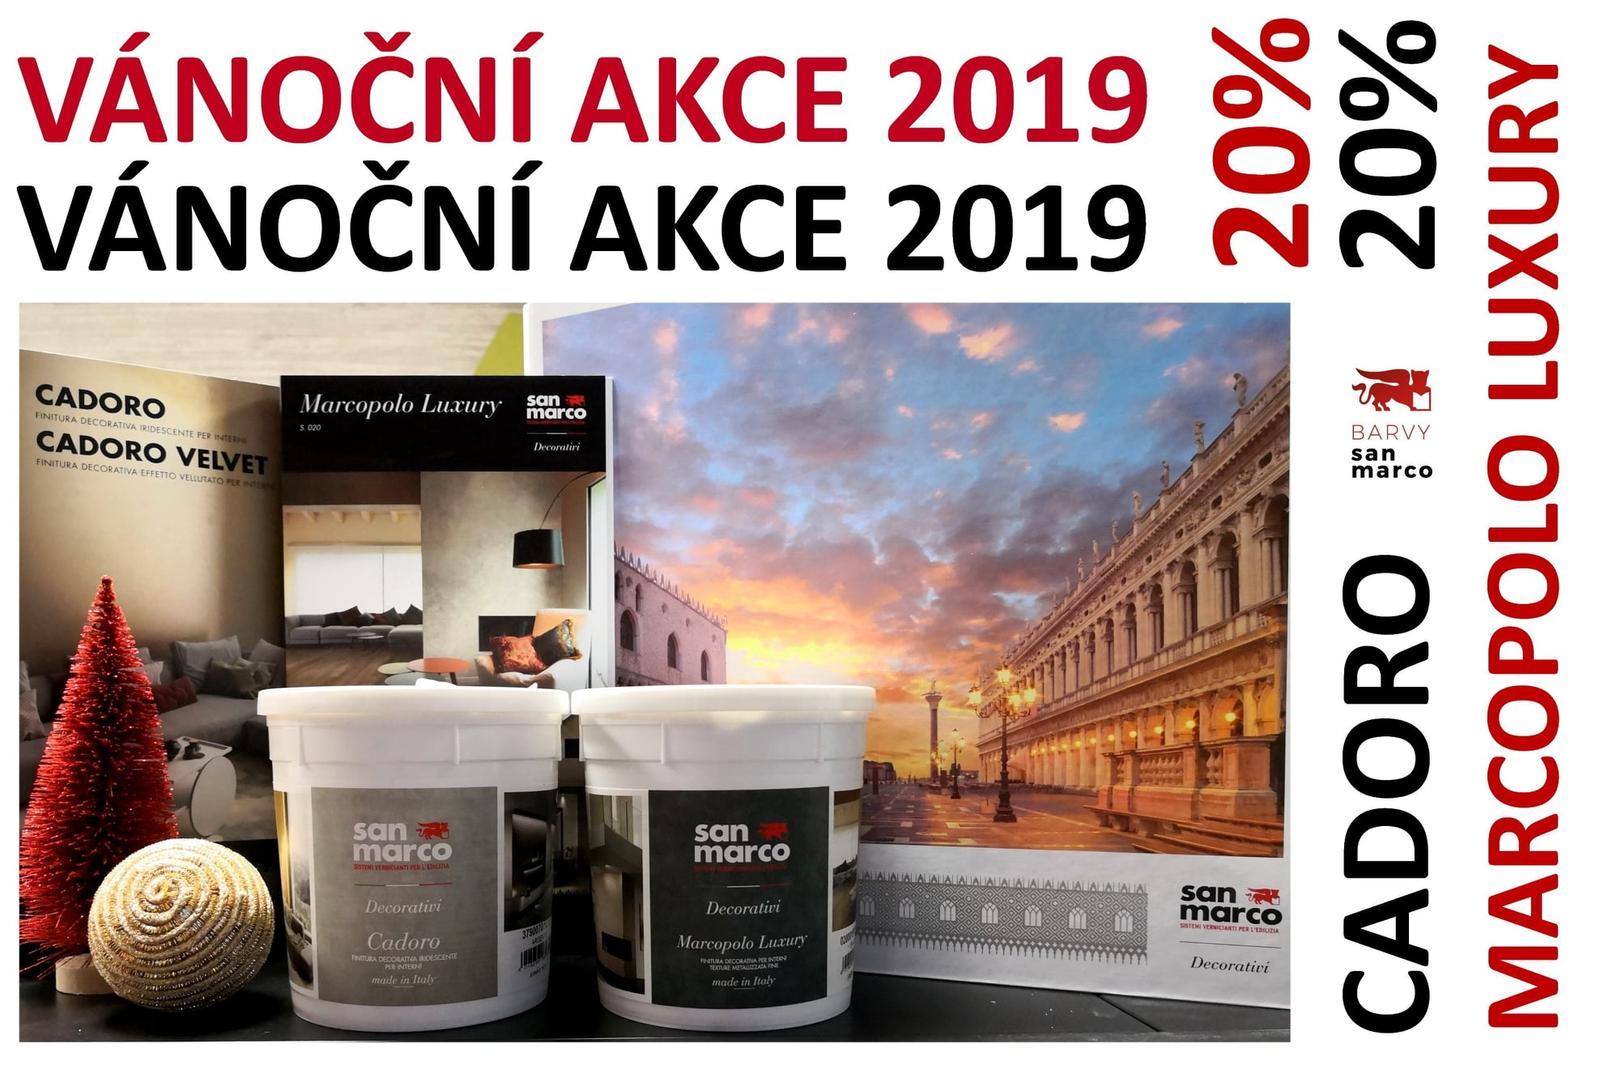 Vánoční akce 2019! - Akce trvá od 16. do 18.12.2019 včetně, nebo do vyprodání zásob. https://www.eshopsanmarco.cz/